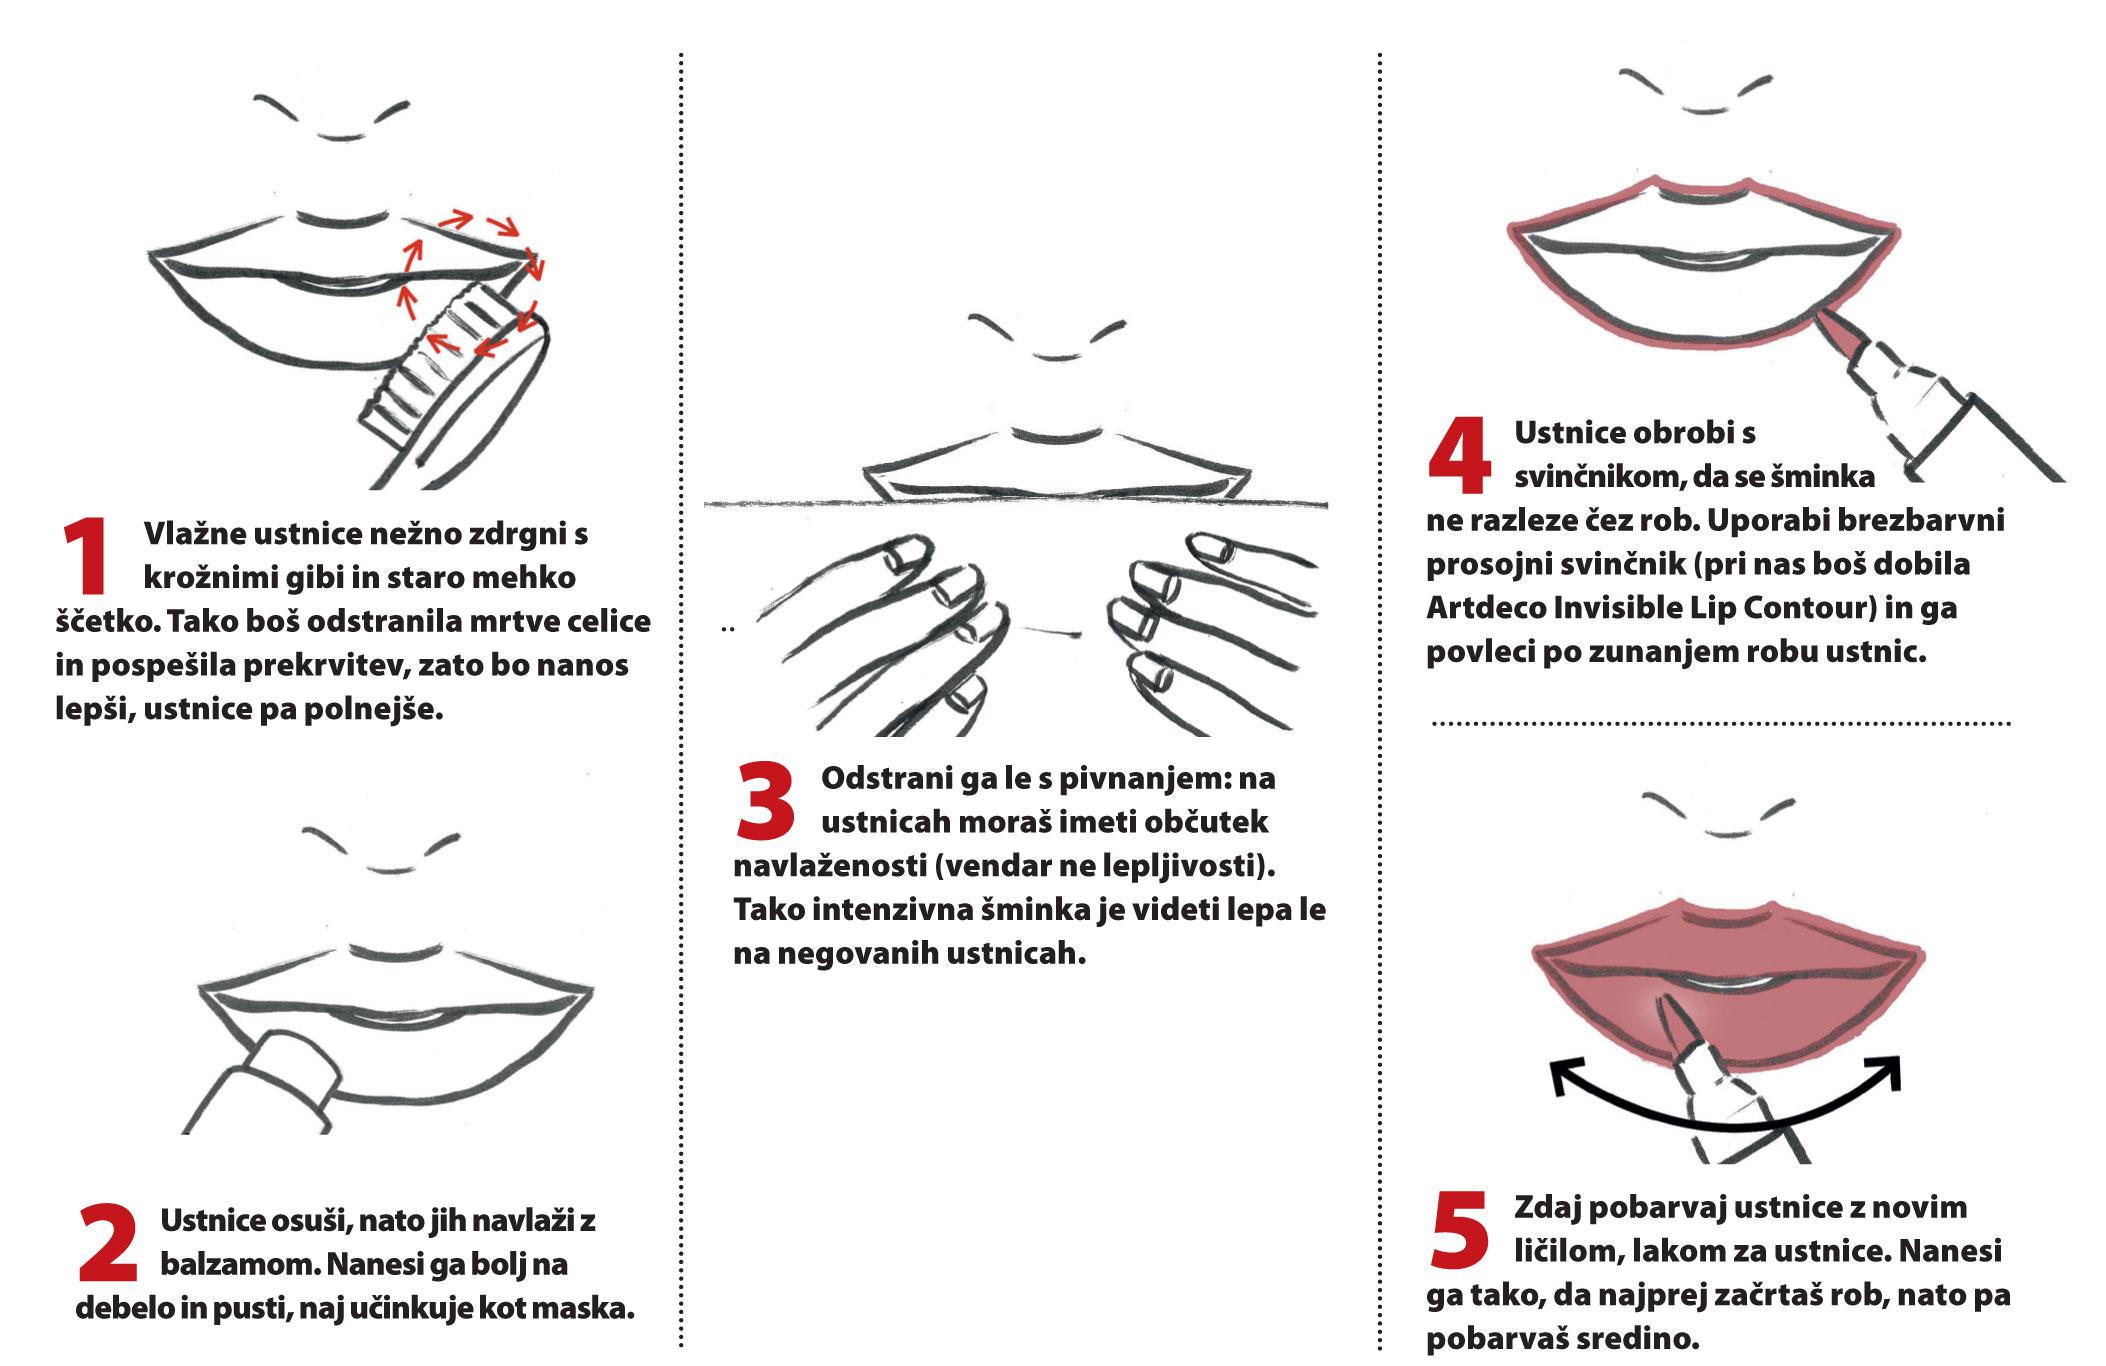 Zapeljive sočne ustnice